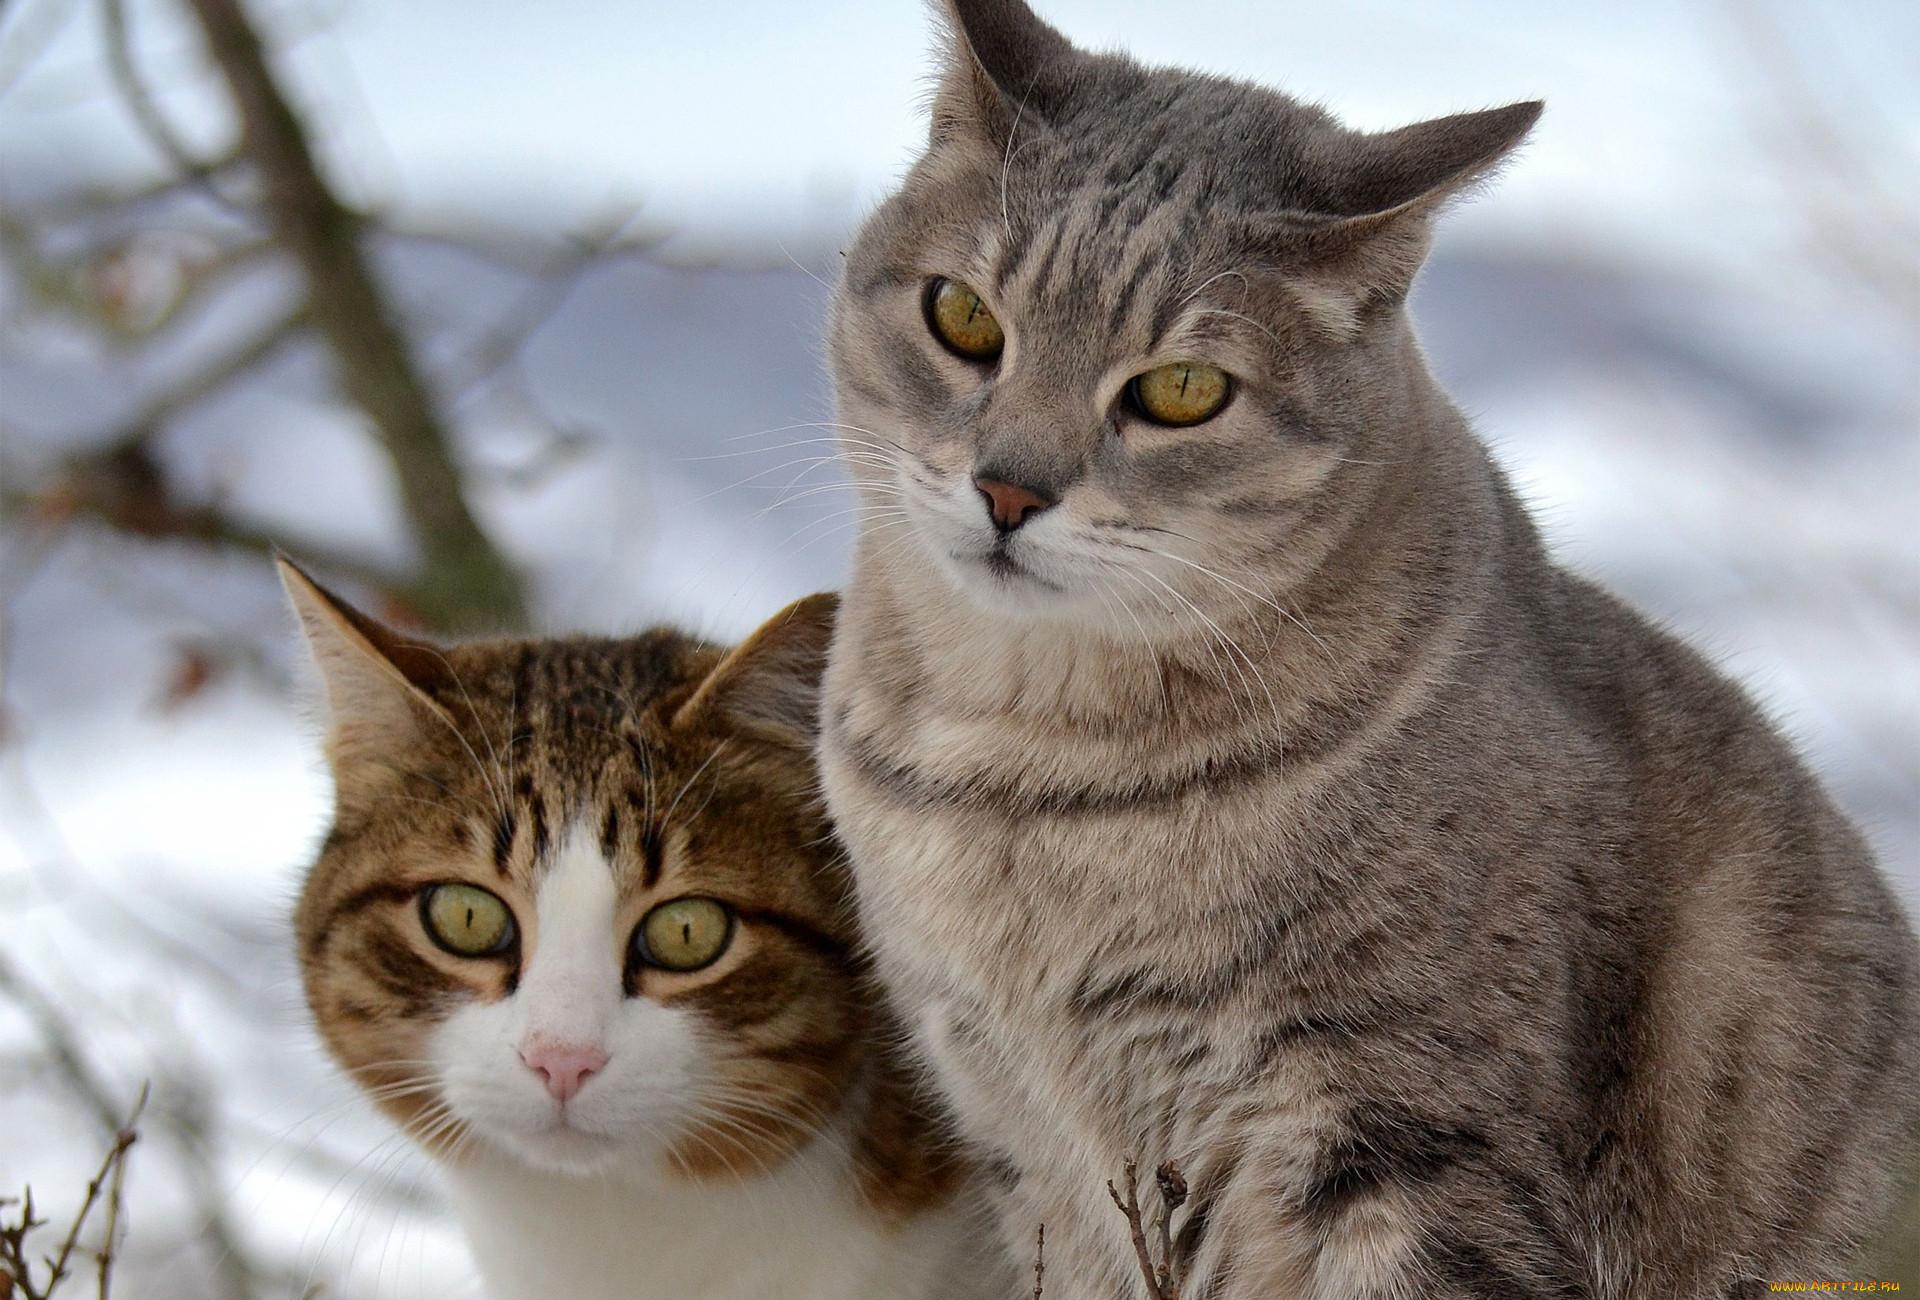 животные, коты, прогулка, двое, снег